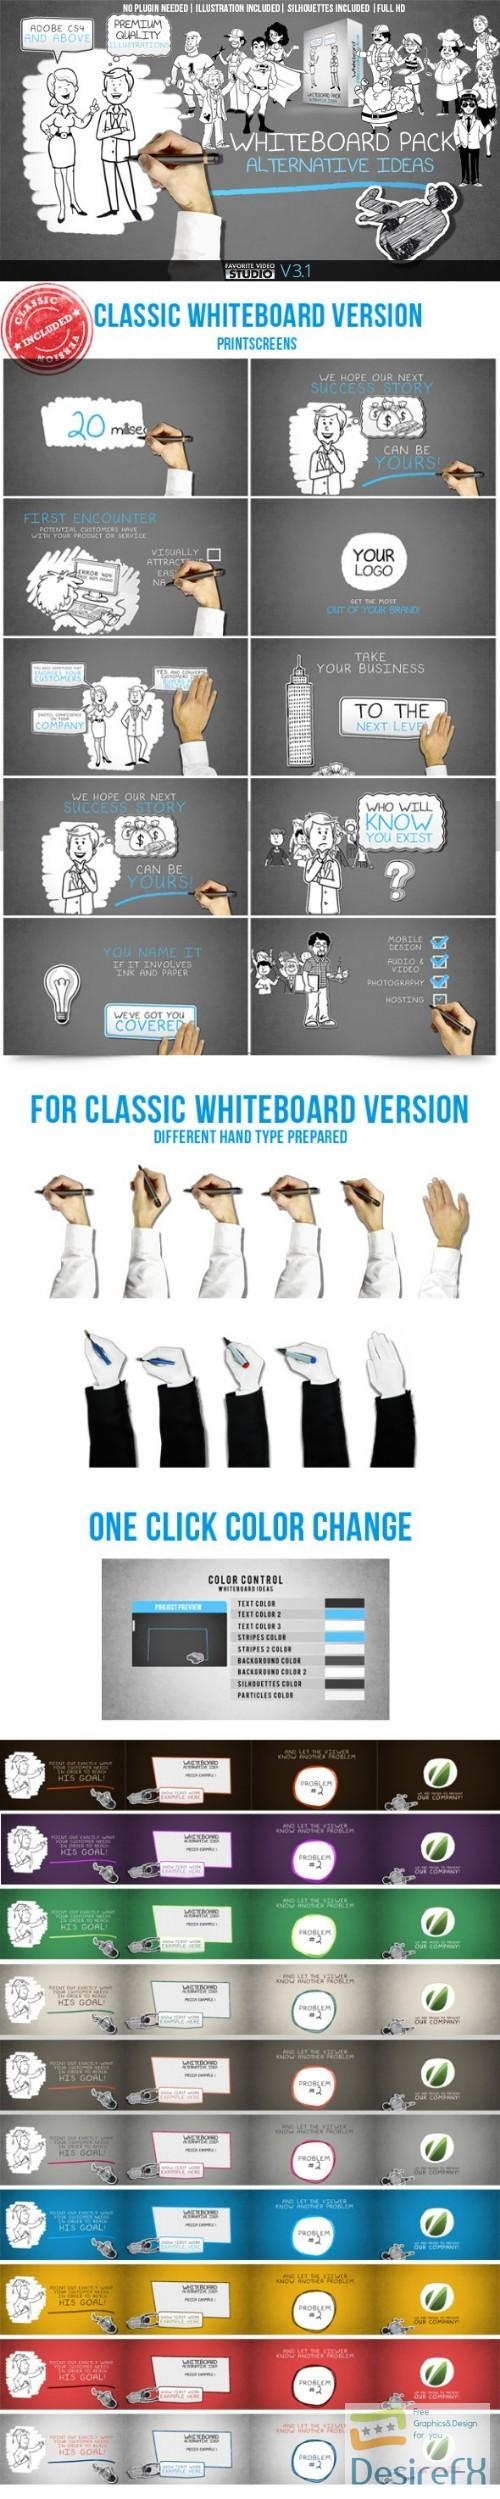 Desirefx com | Download Videohive Whiteboard: Alternative